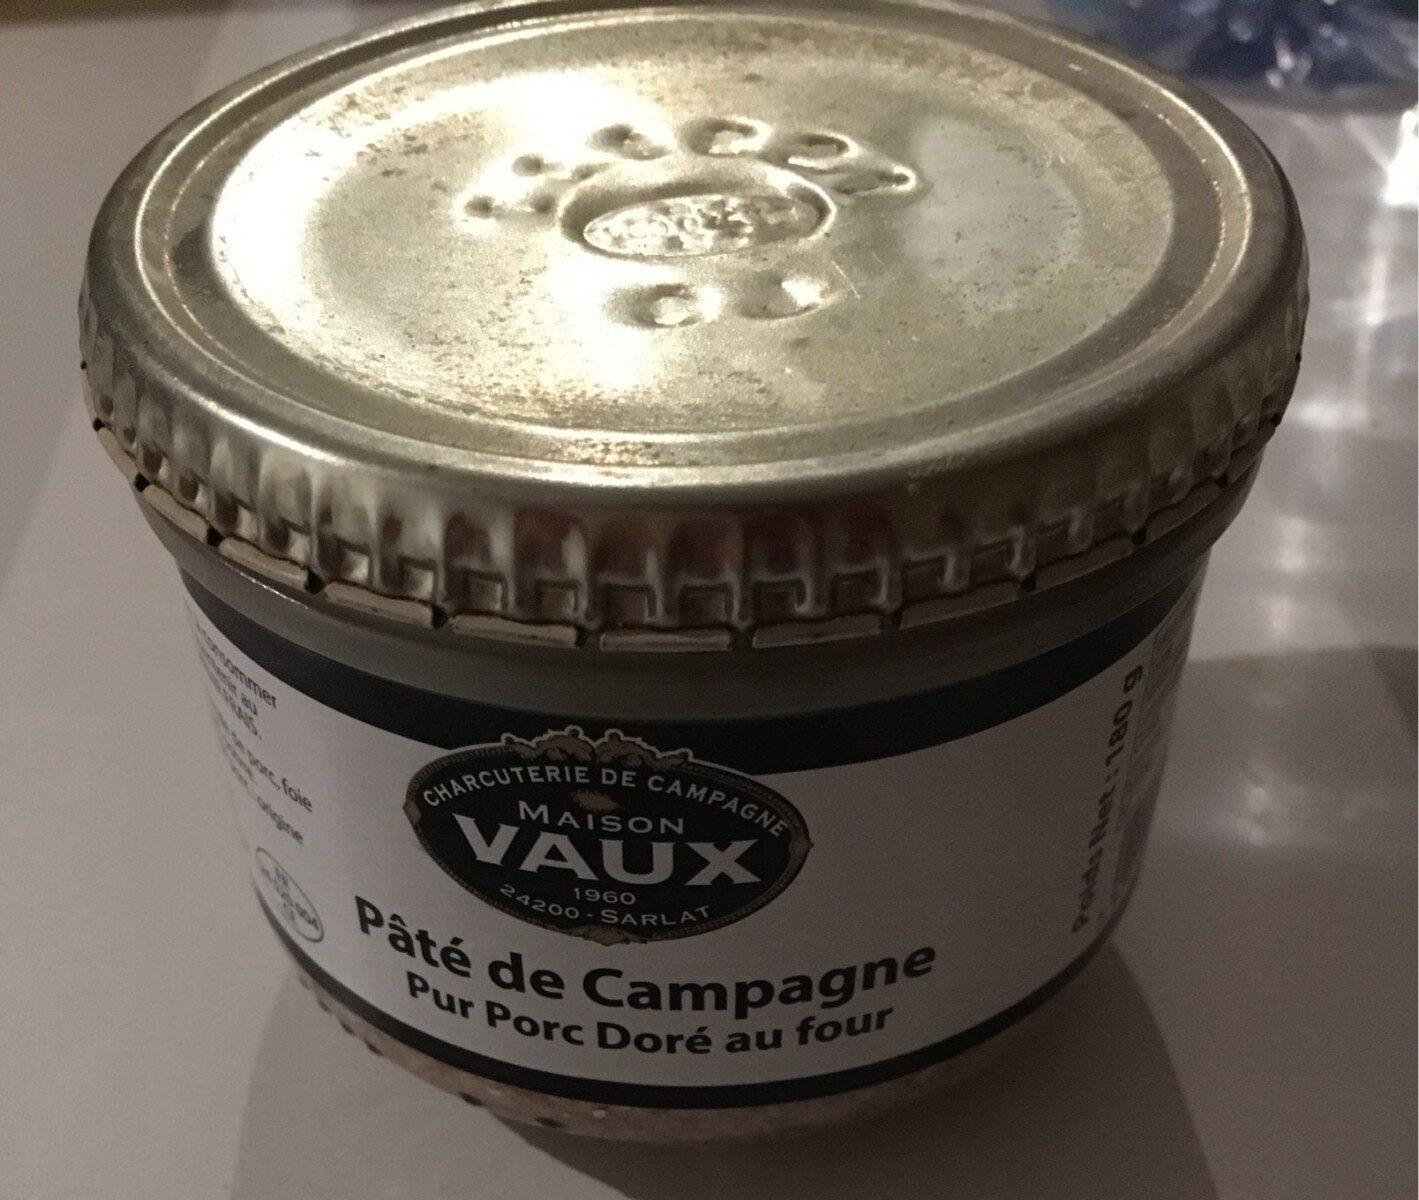 Paté de campagne - Product - fr